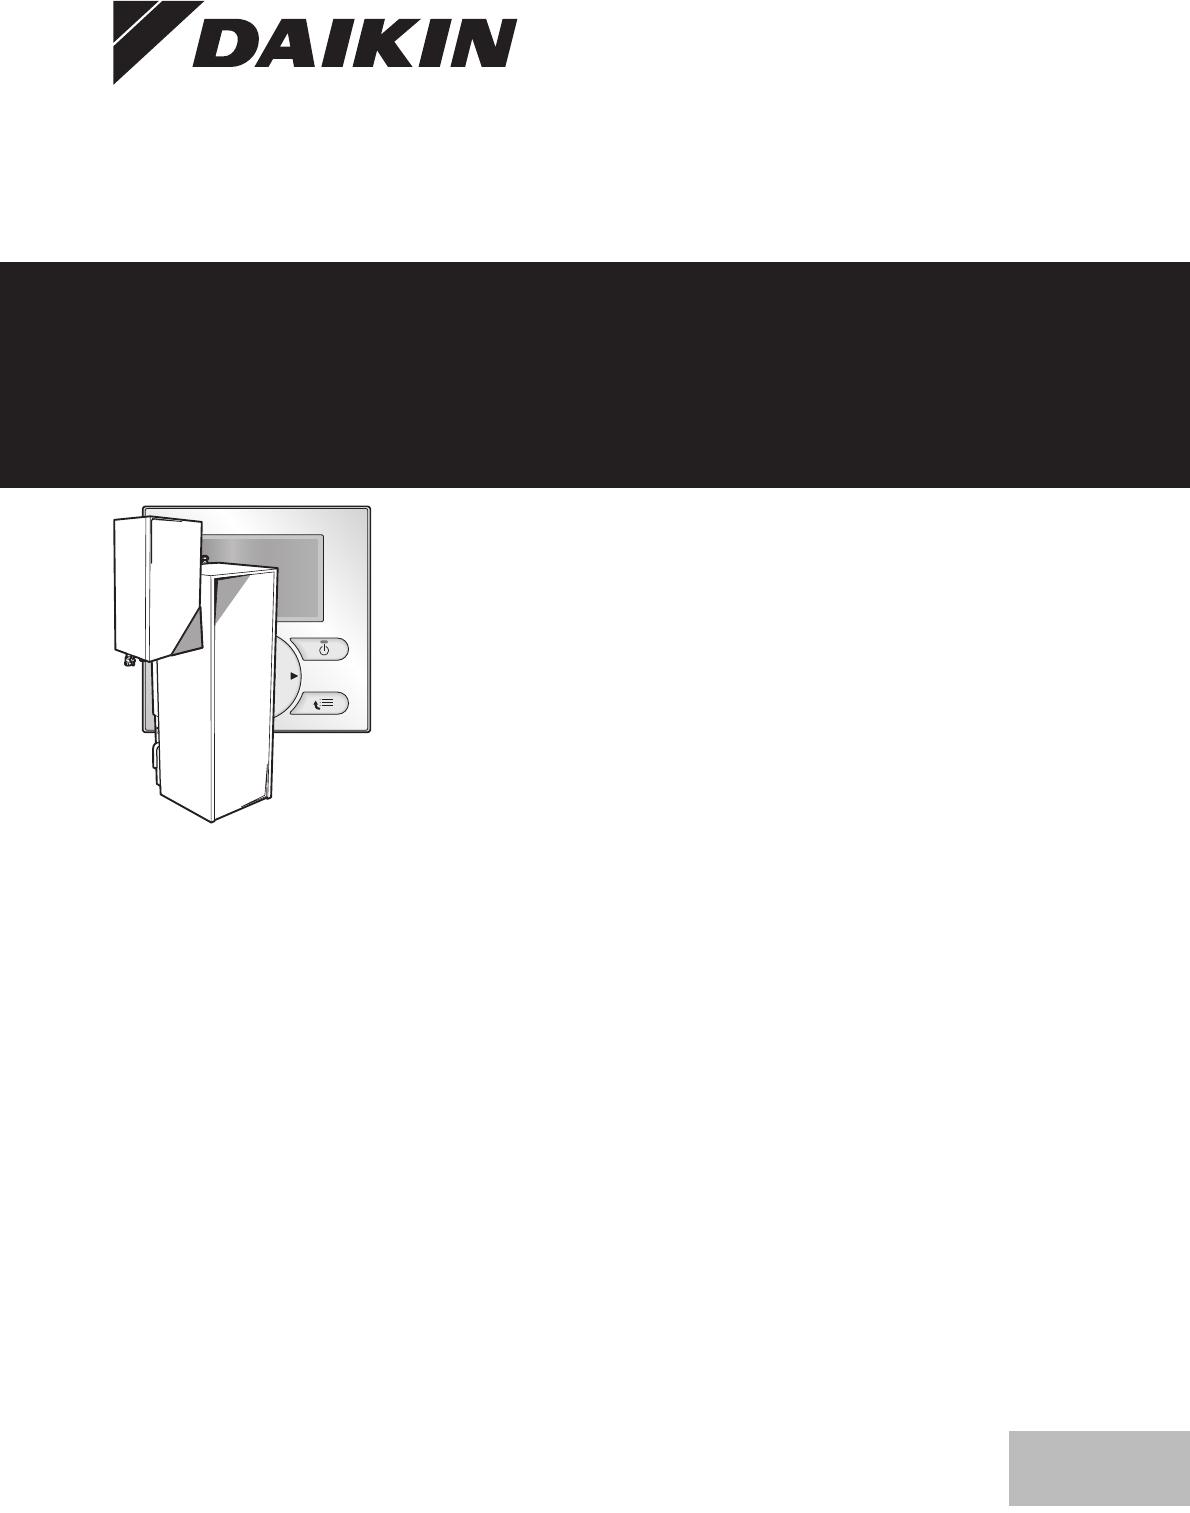 bedienungsanleitung daikin ehbh16ca seite 1 von 24. Black Bedroom Furniture Sets. Home Design Ideas